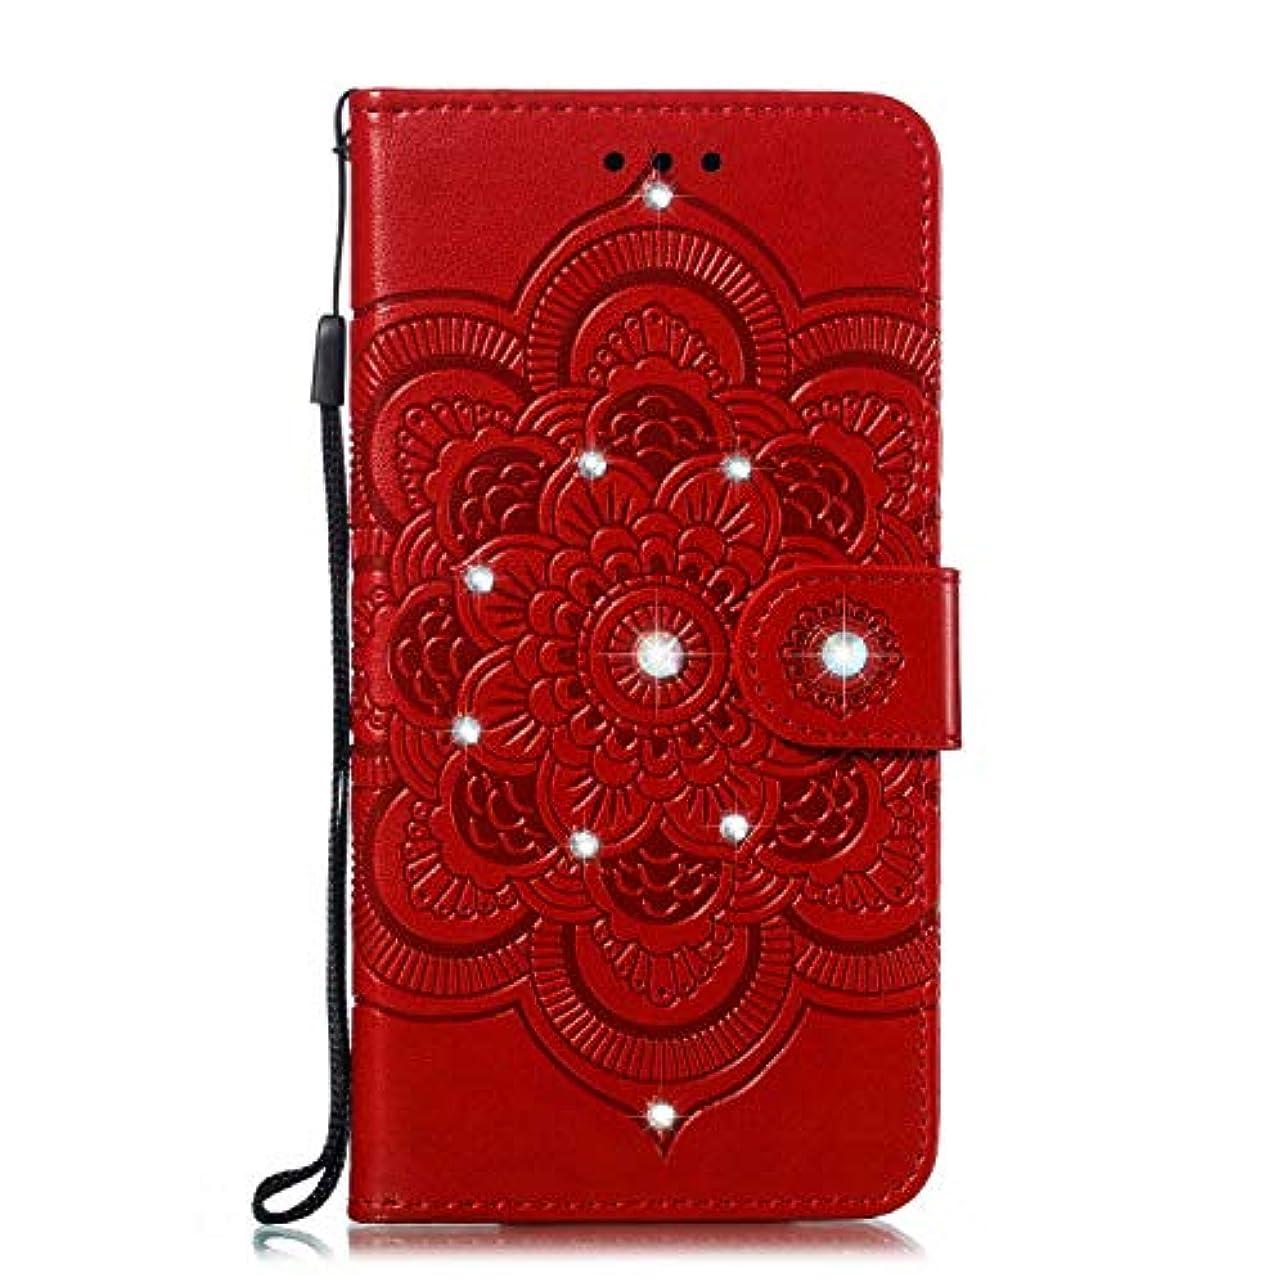 争いパラナ川アラブ人CUNUS 高品質 合皮レザー ケース Huawei Honor 10 用, 防塵 ケース, 軽量 スタンド機能 耐汚れ カード収納 カバー, レッド